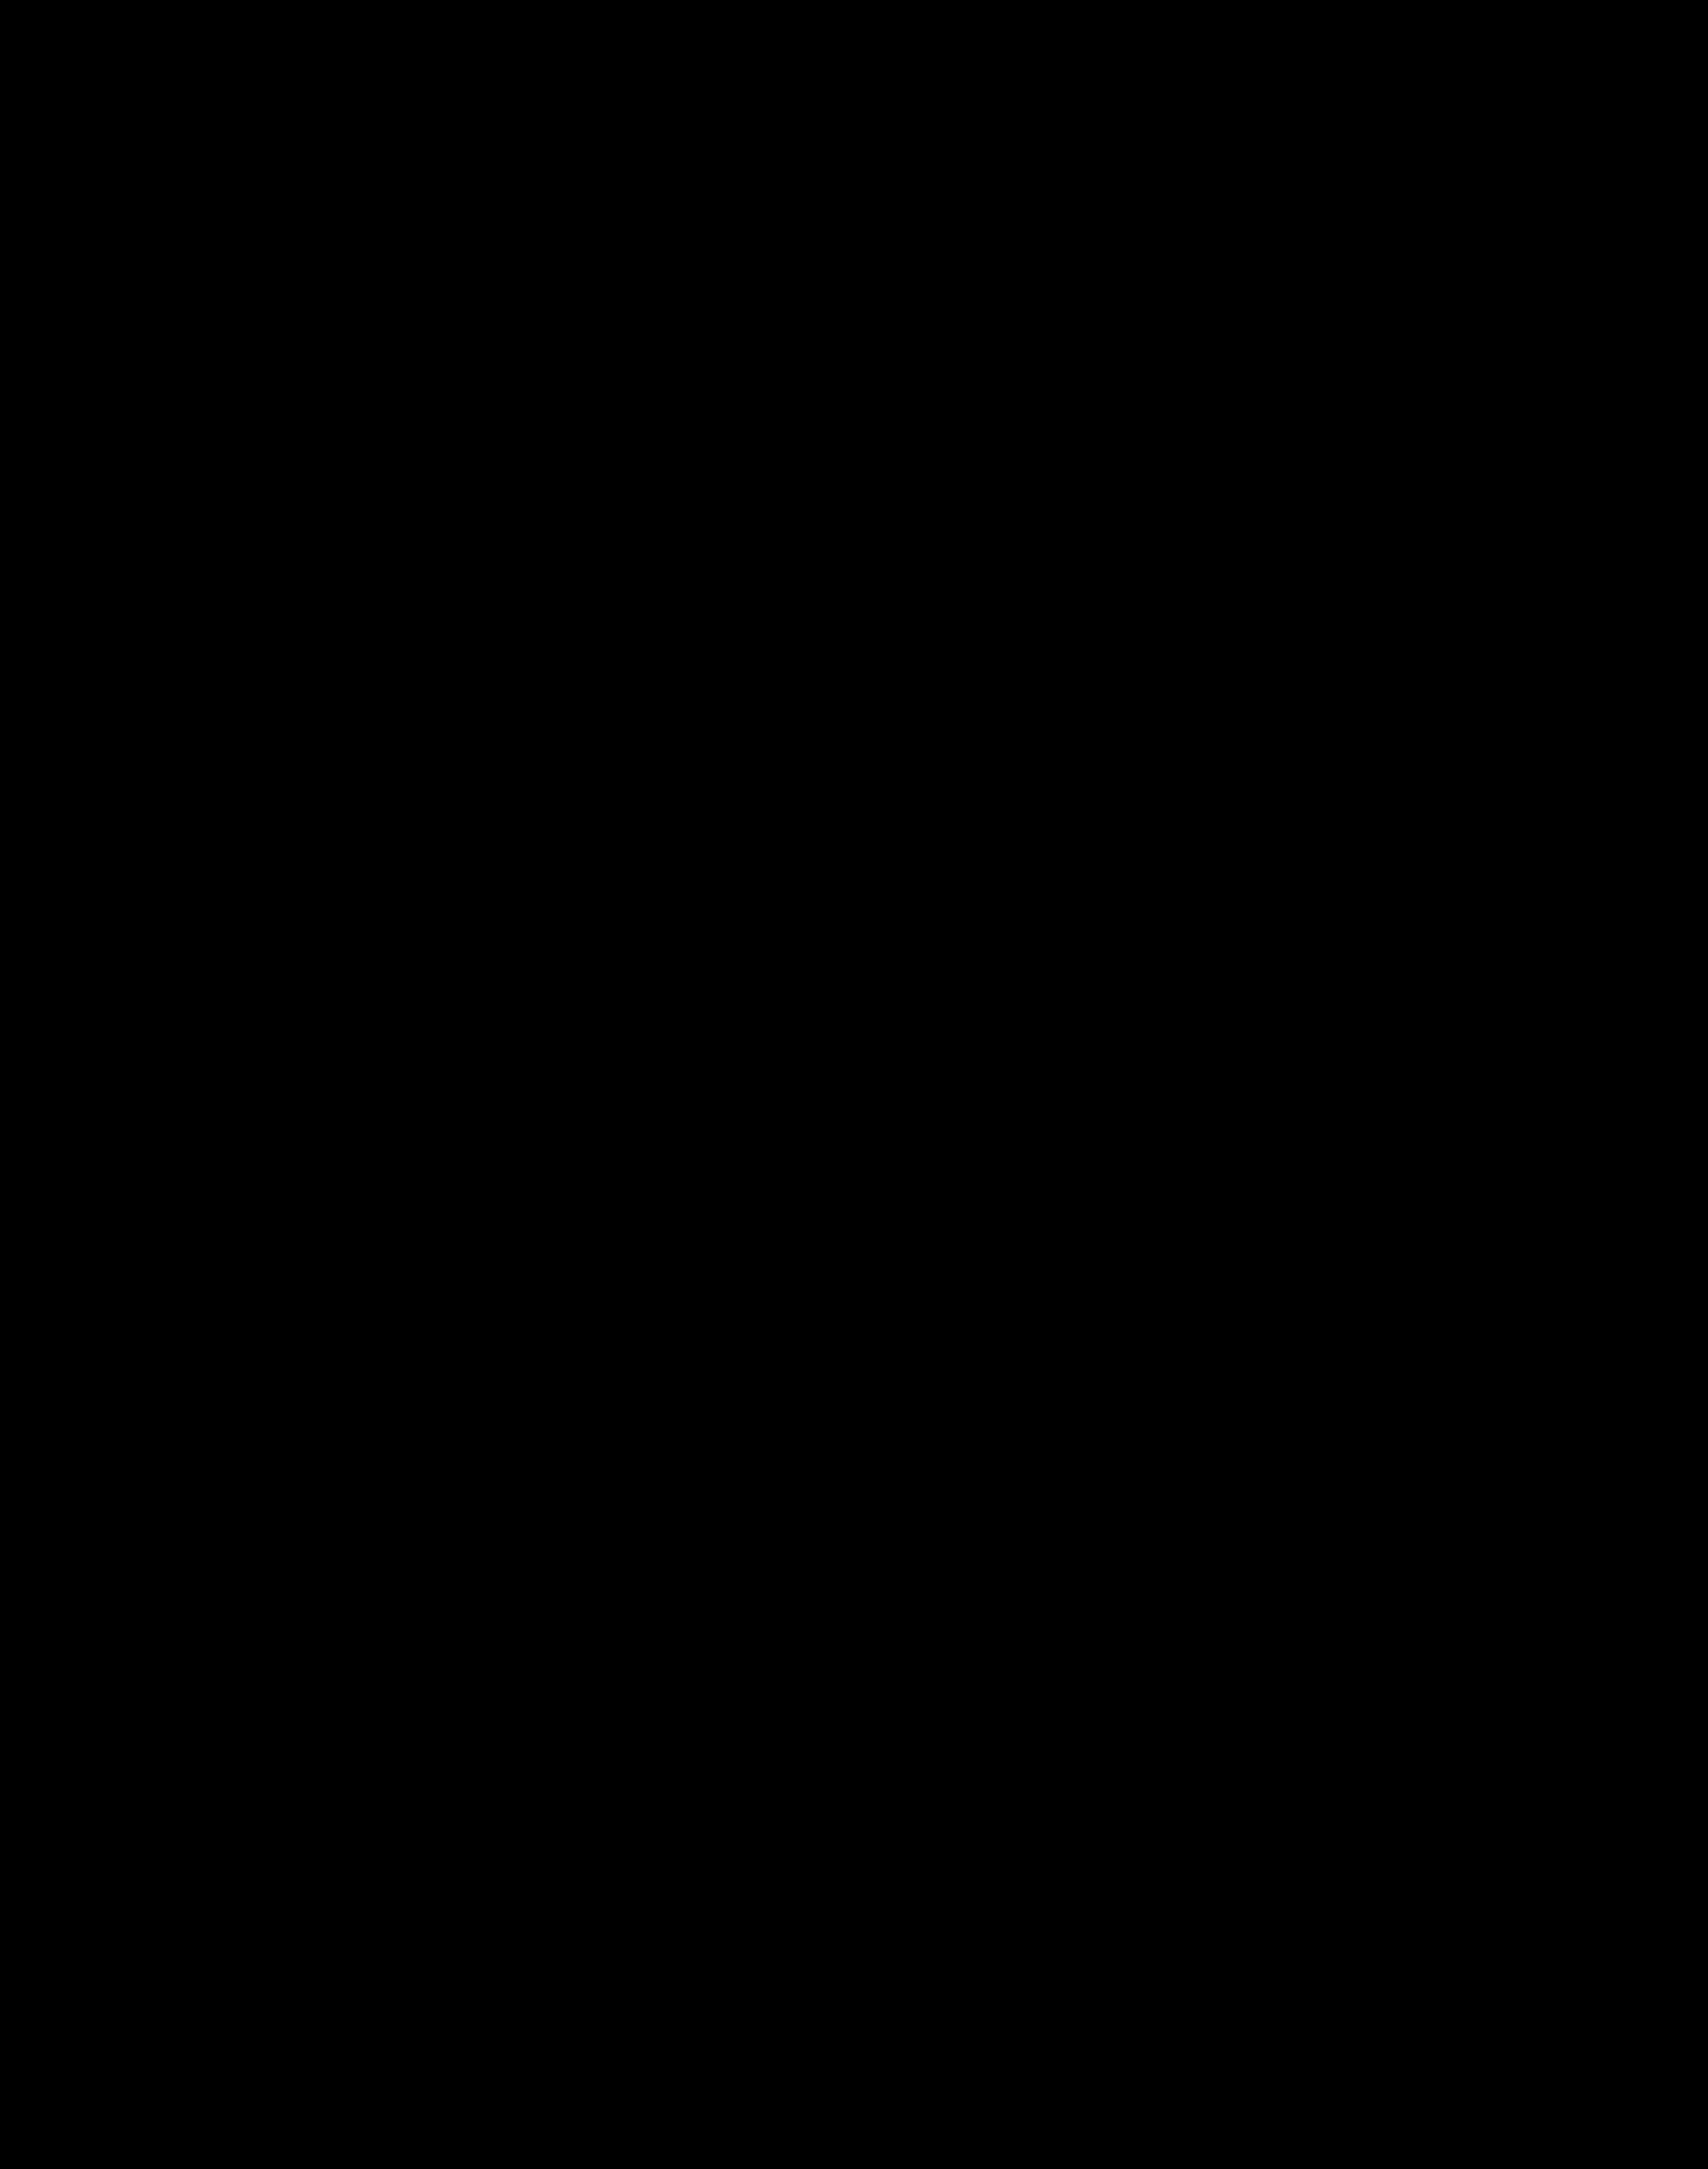 OGP-10